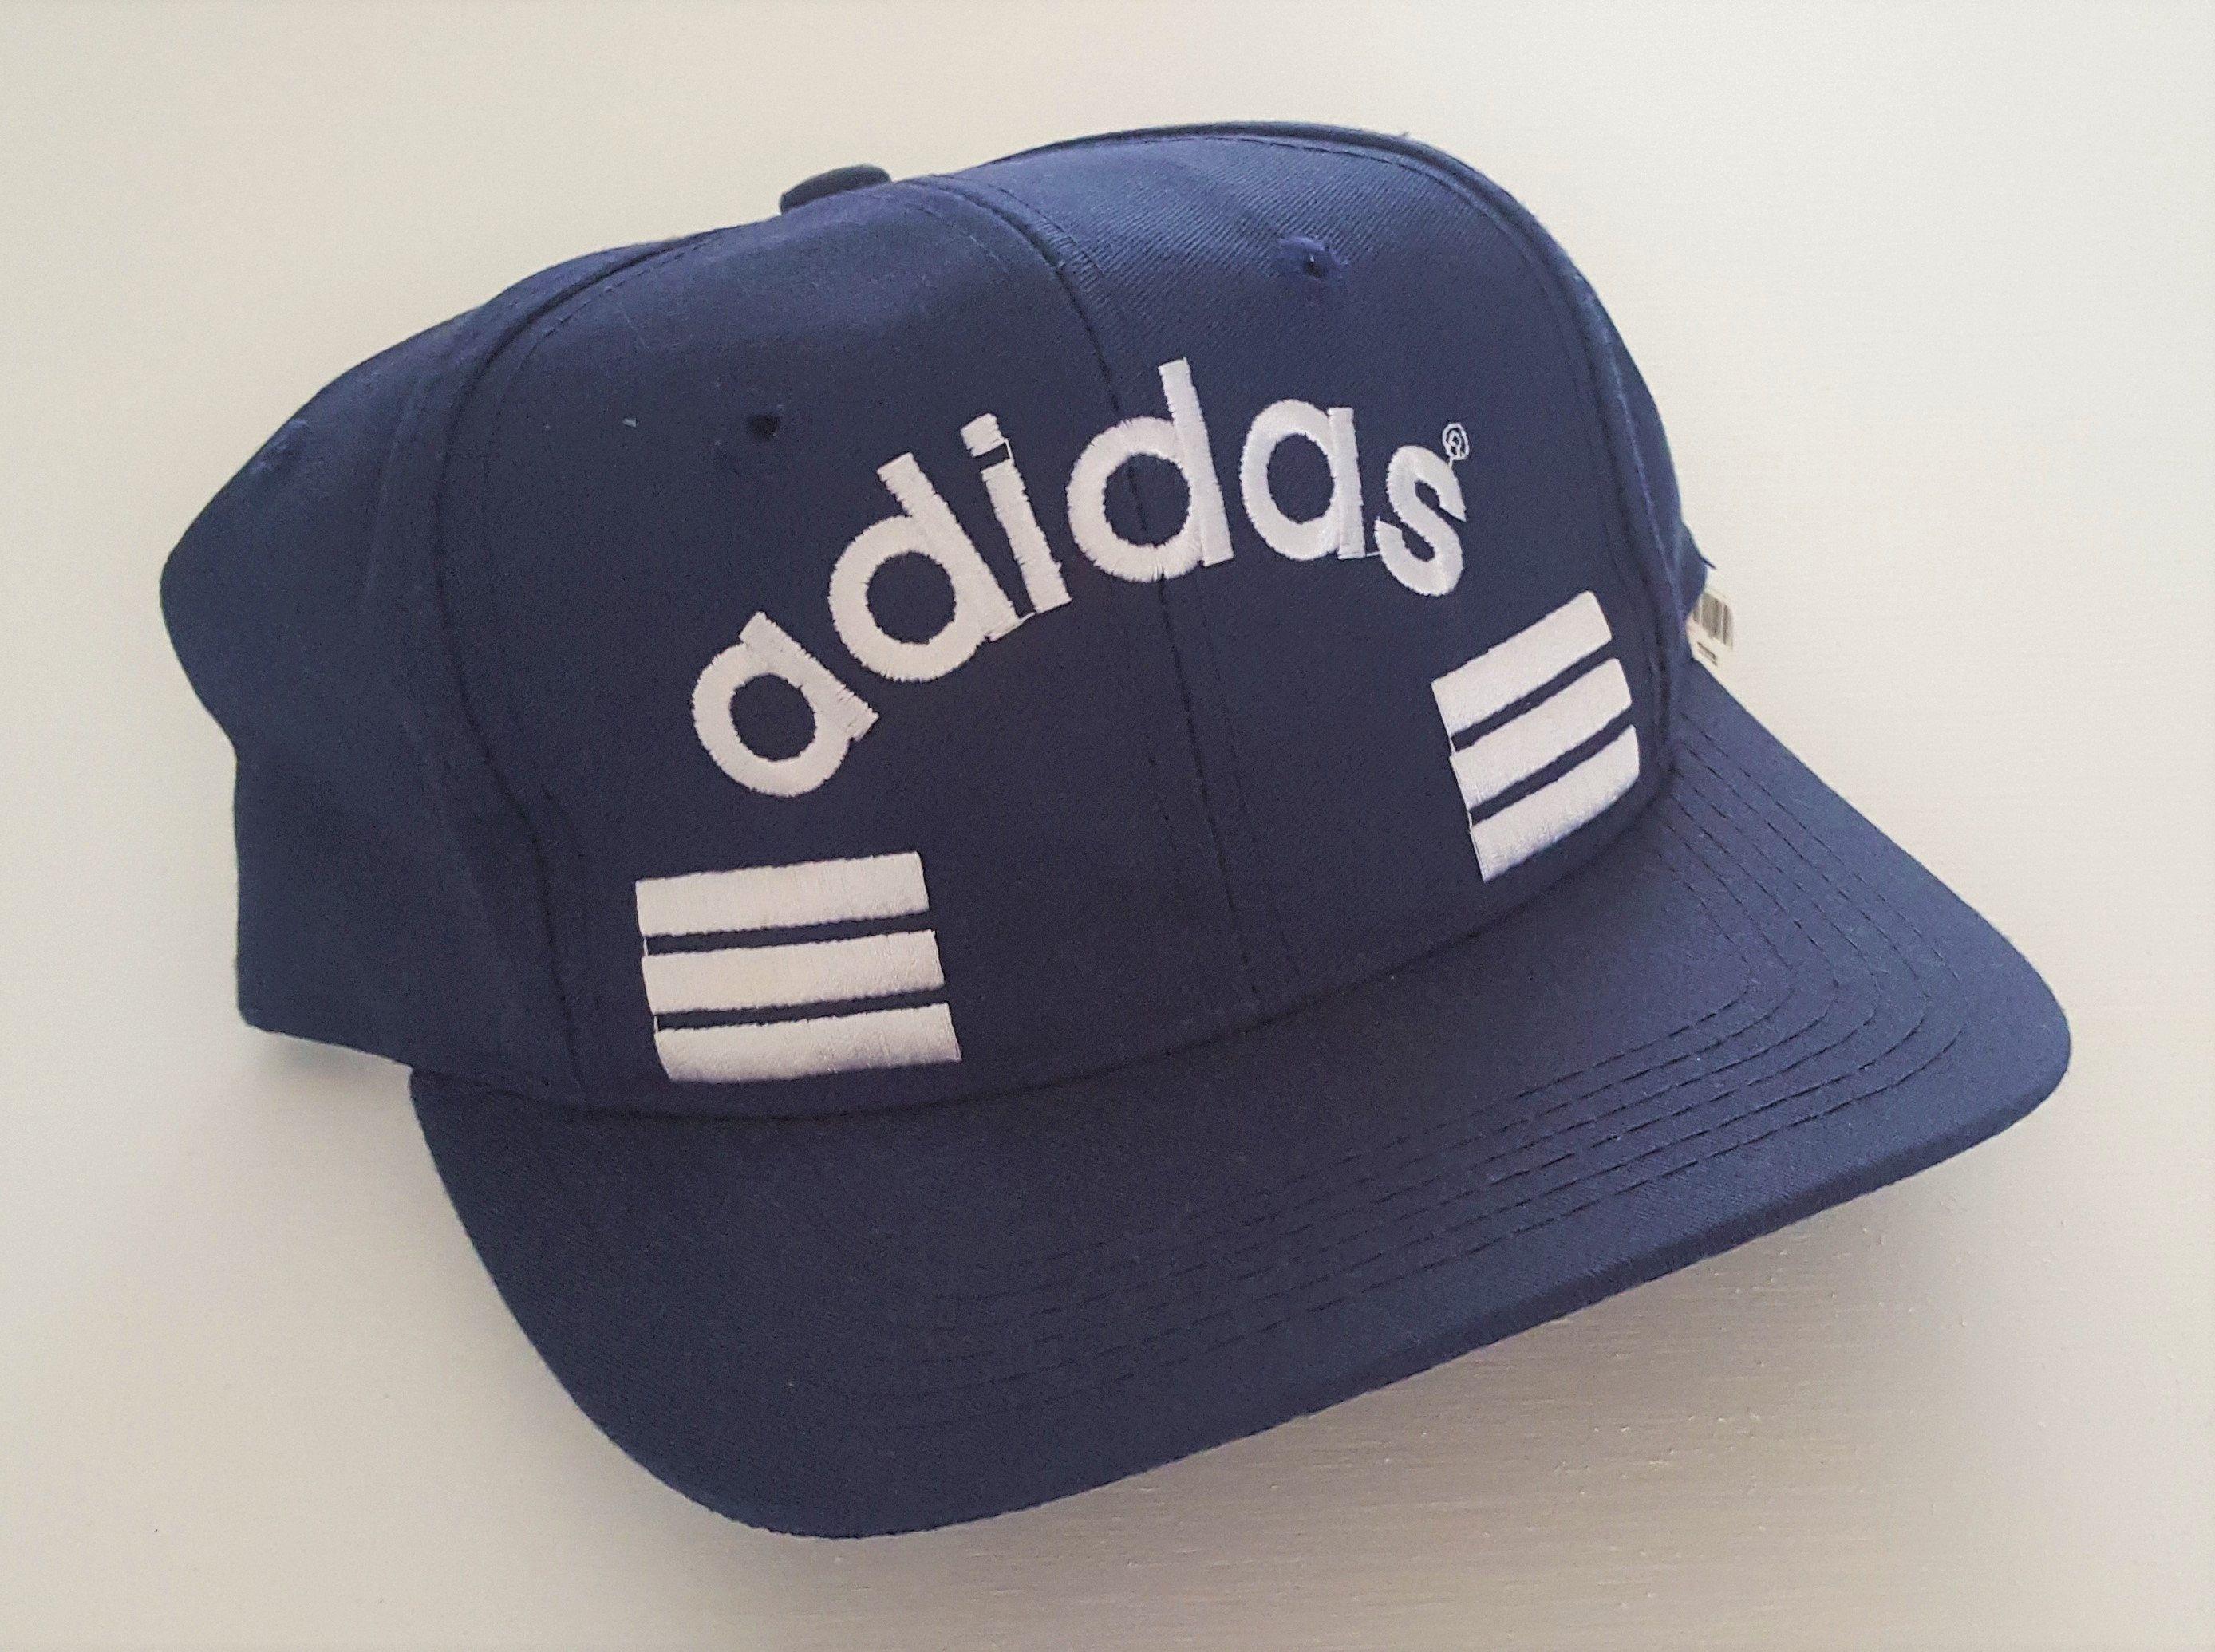 b1ce1ec4 Vintage Adidas Snapback Hat VTG   Vintage Snapbacks   Adidas ...